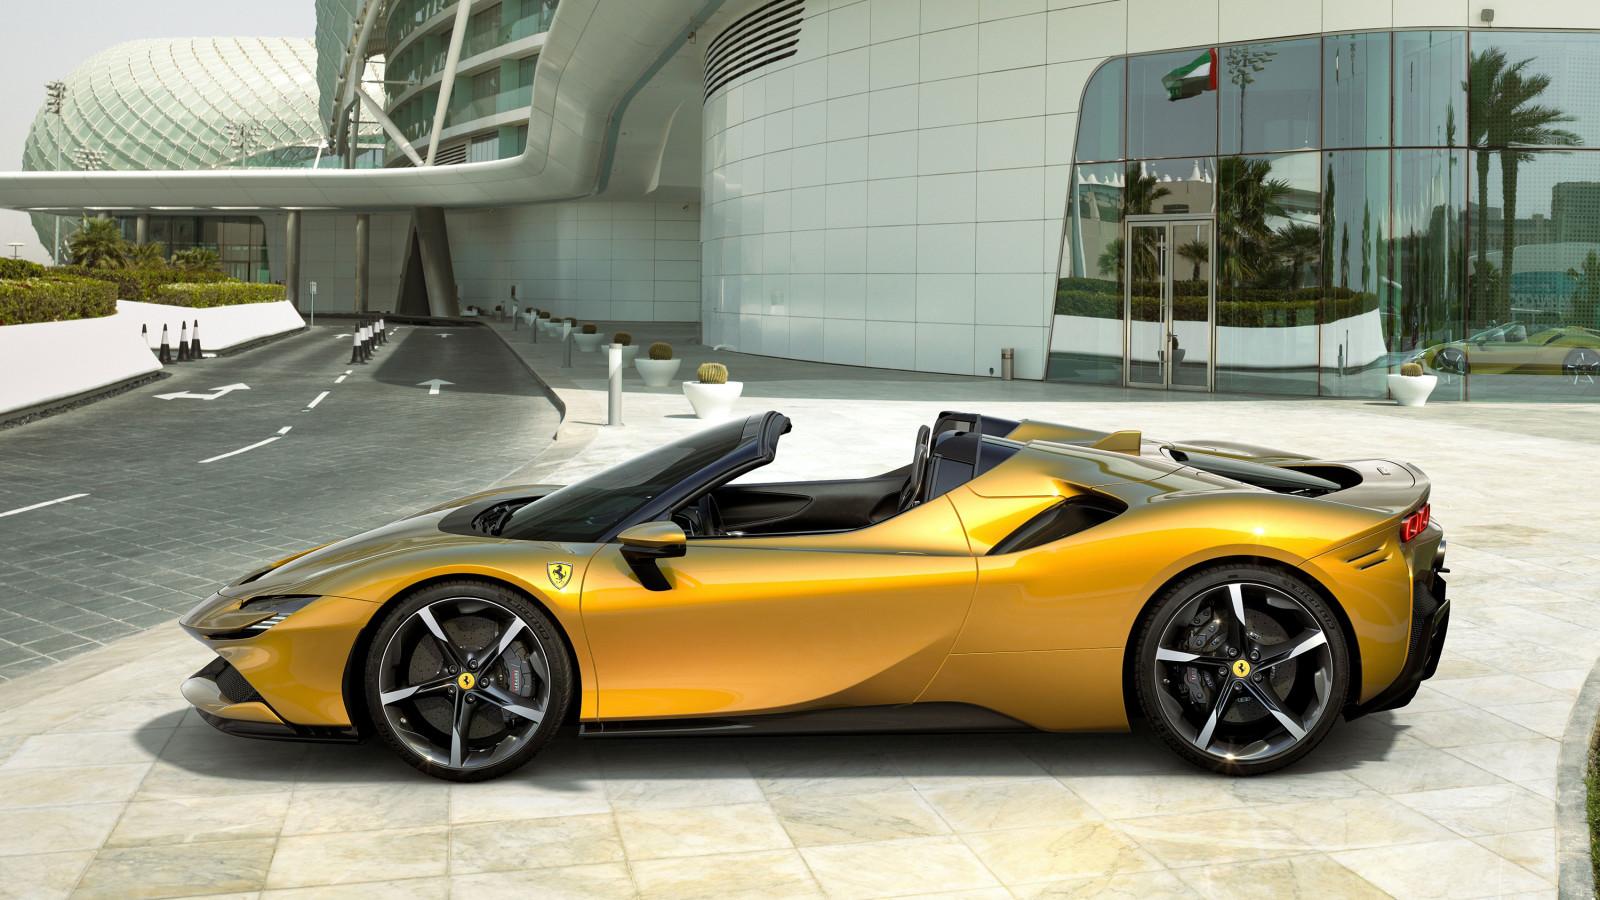 Der neue Ferrari SF90 Spider erinnert optisch an den SF90 Stradale